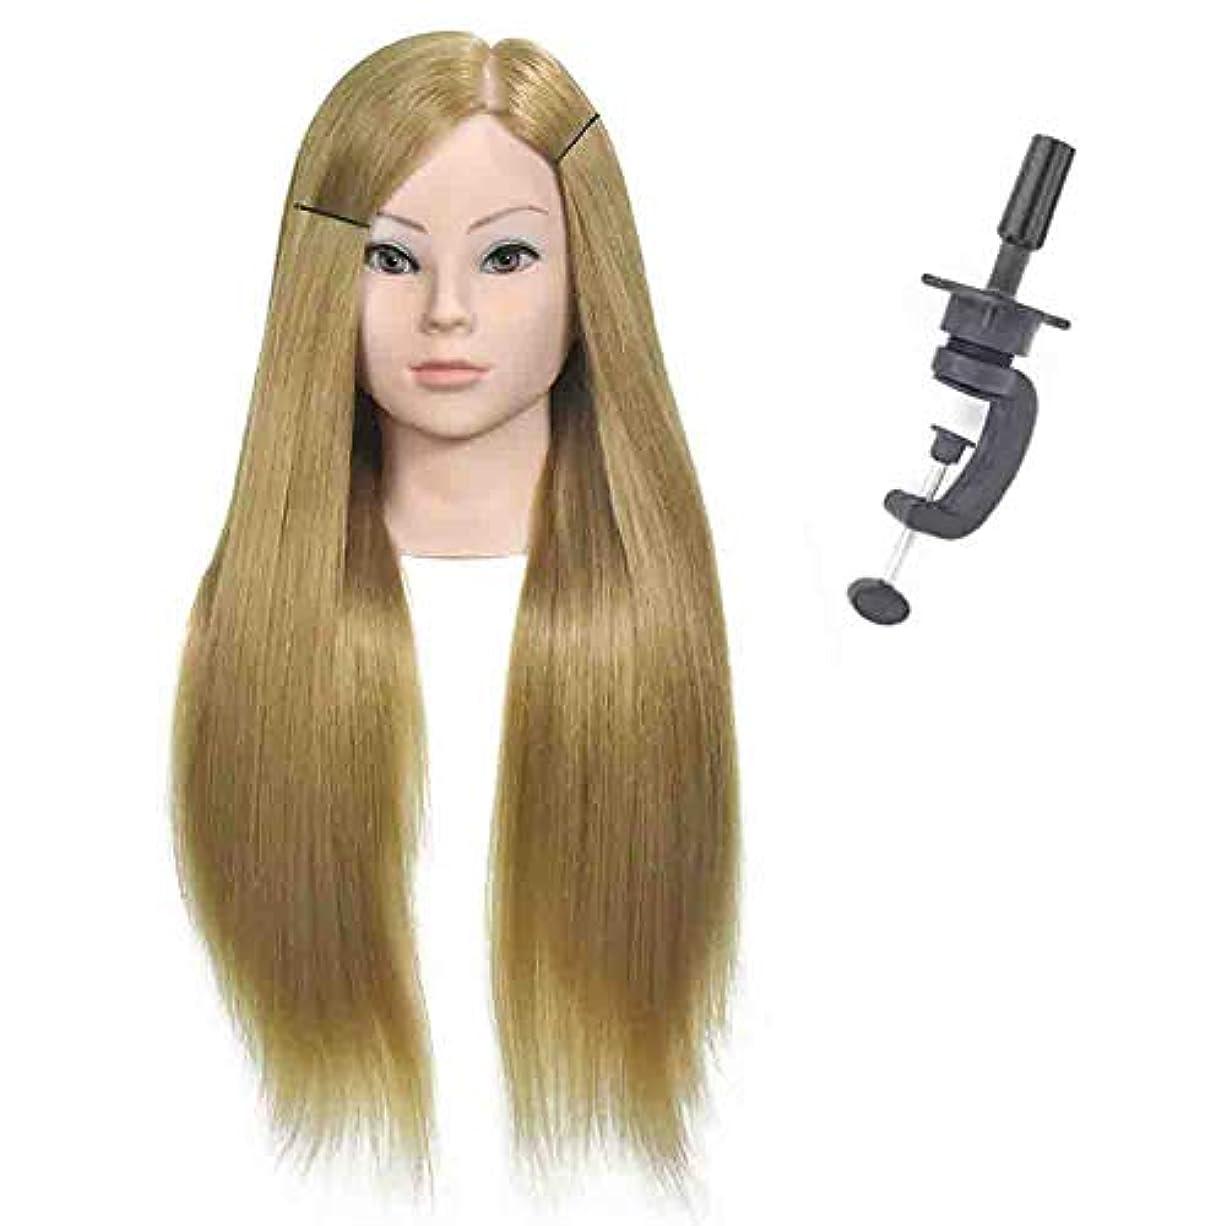 精算実験的撤退花嫁メイクモデリング教育ヘッド本物の人物ヘアダミーヘッドモデル理髪店学習パーマ髪染めモデルヘッド